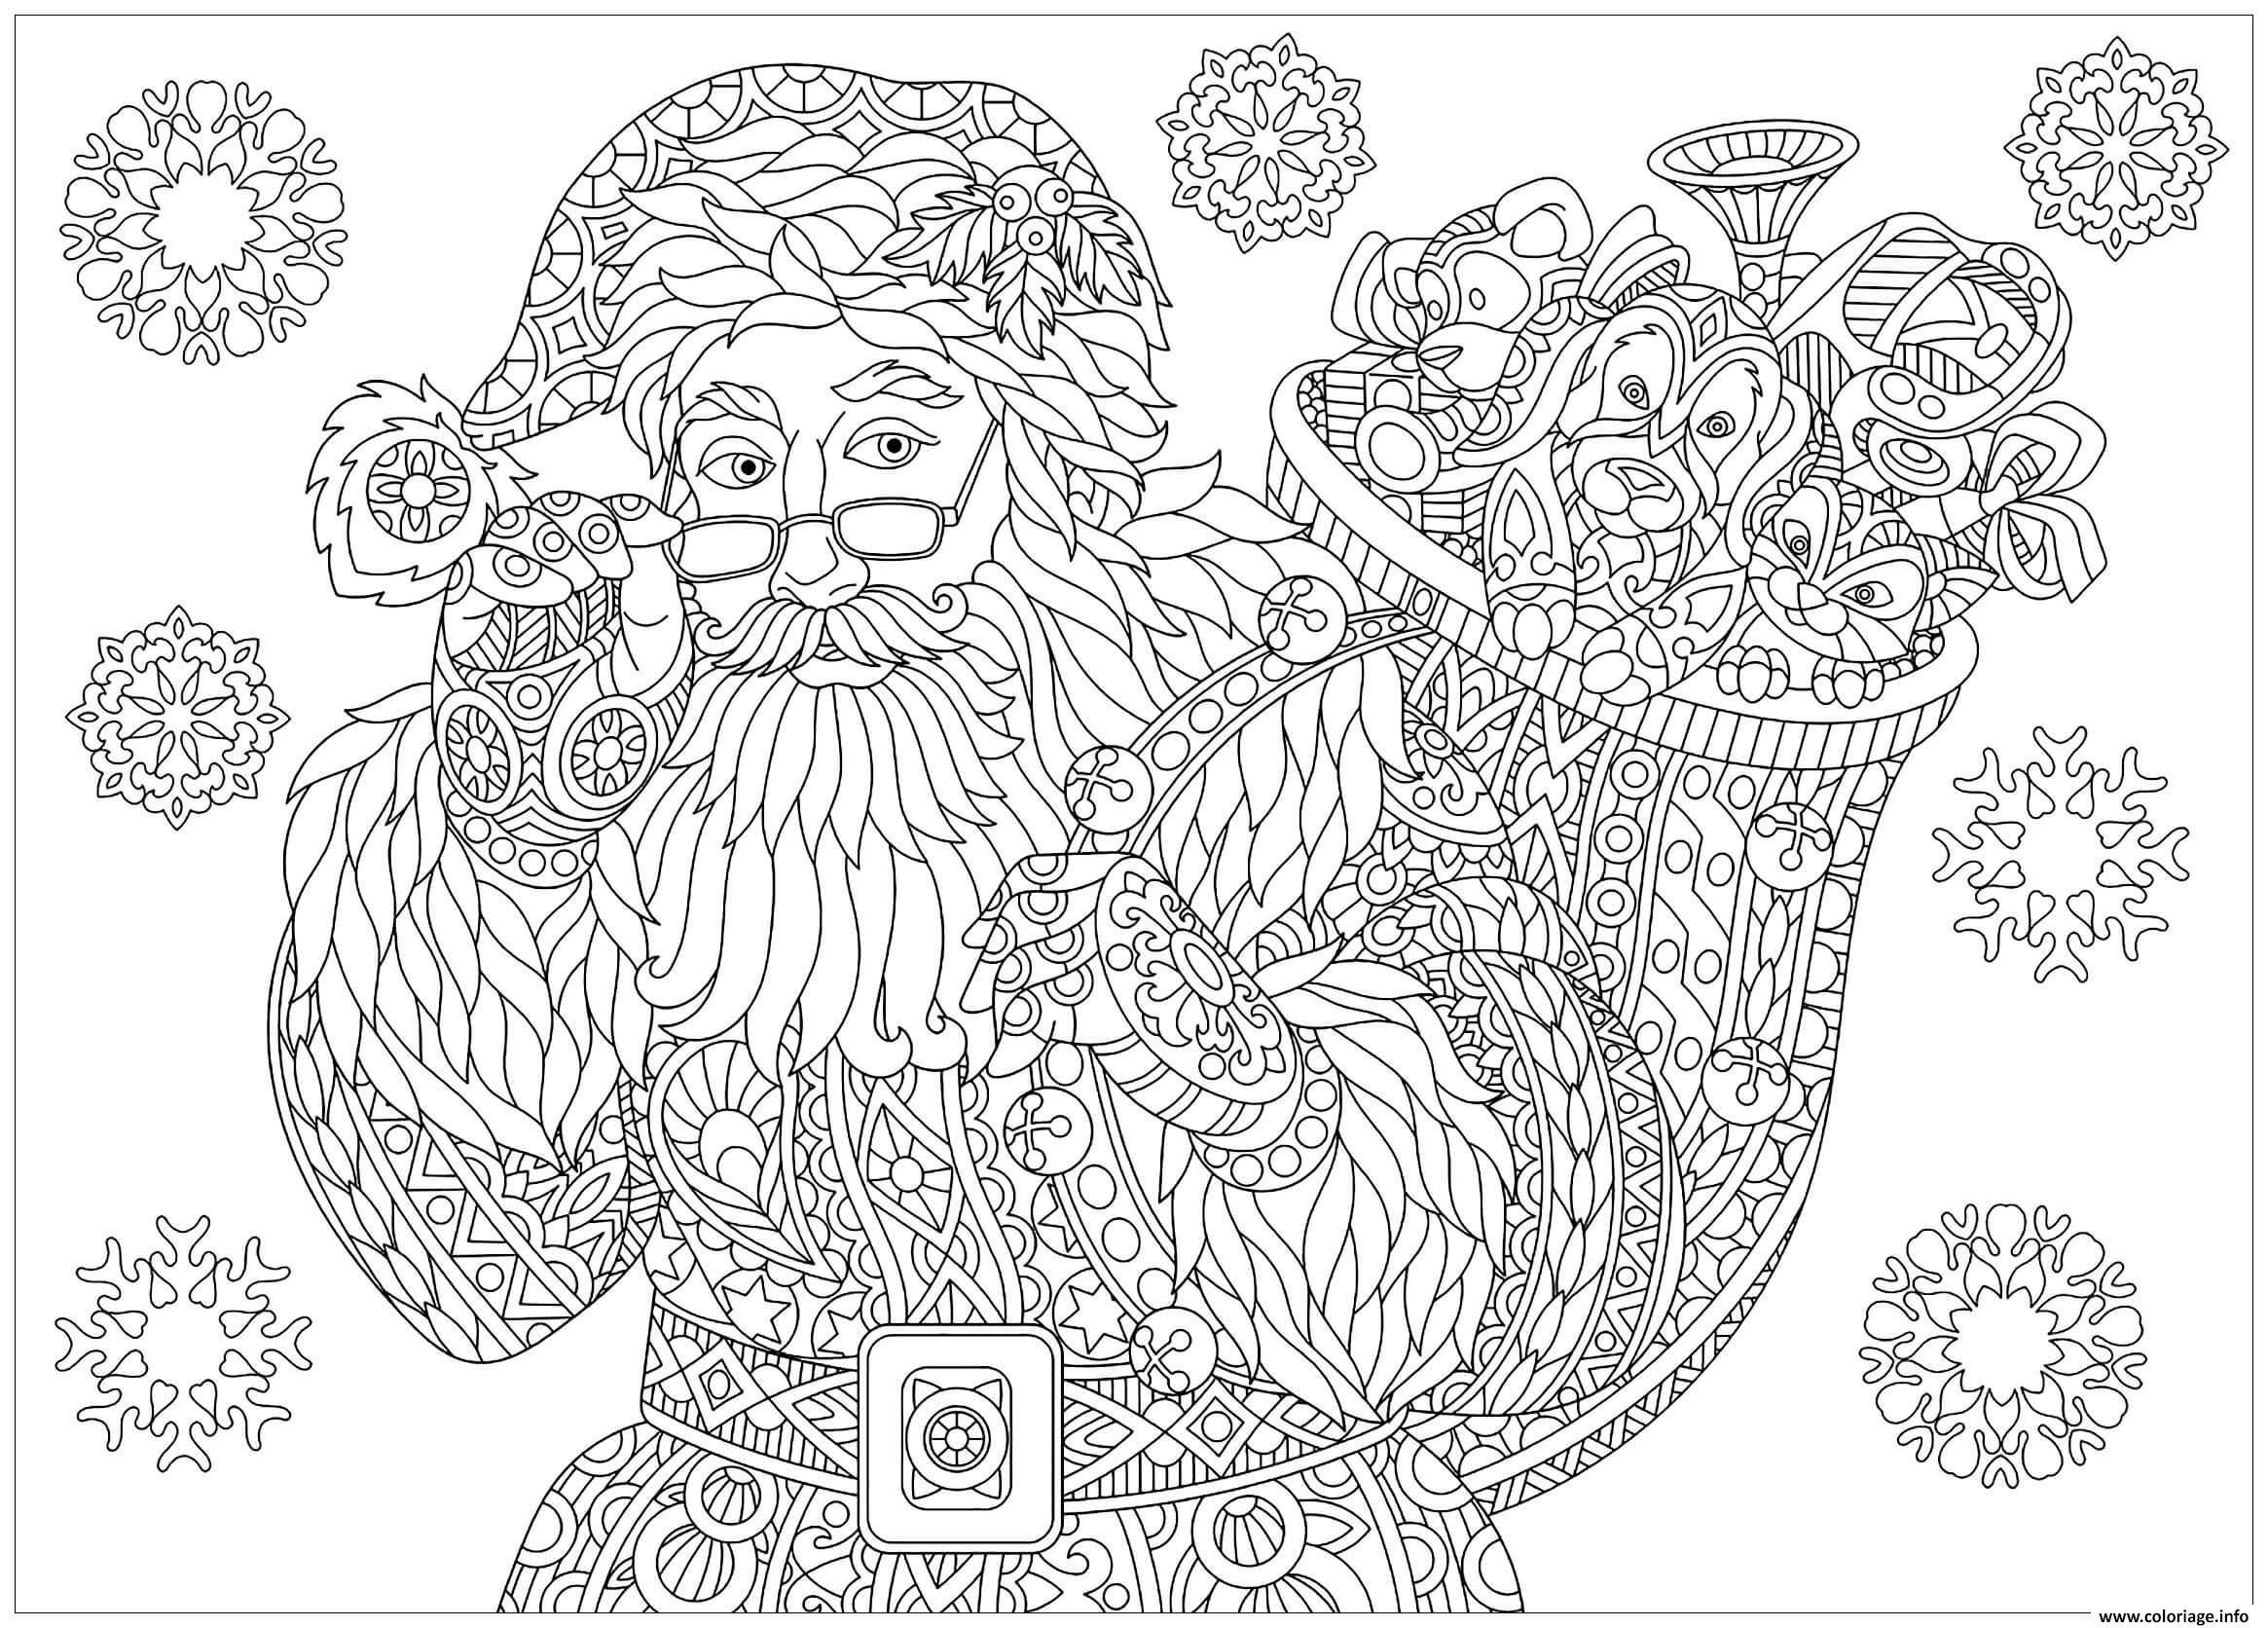 Élégant Image Gratuite Du Pere Noel A Imprimer